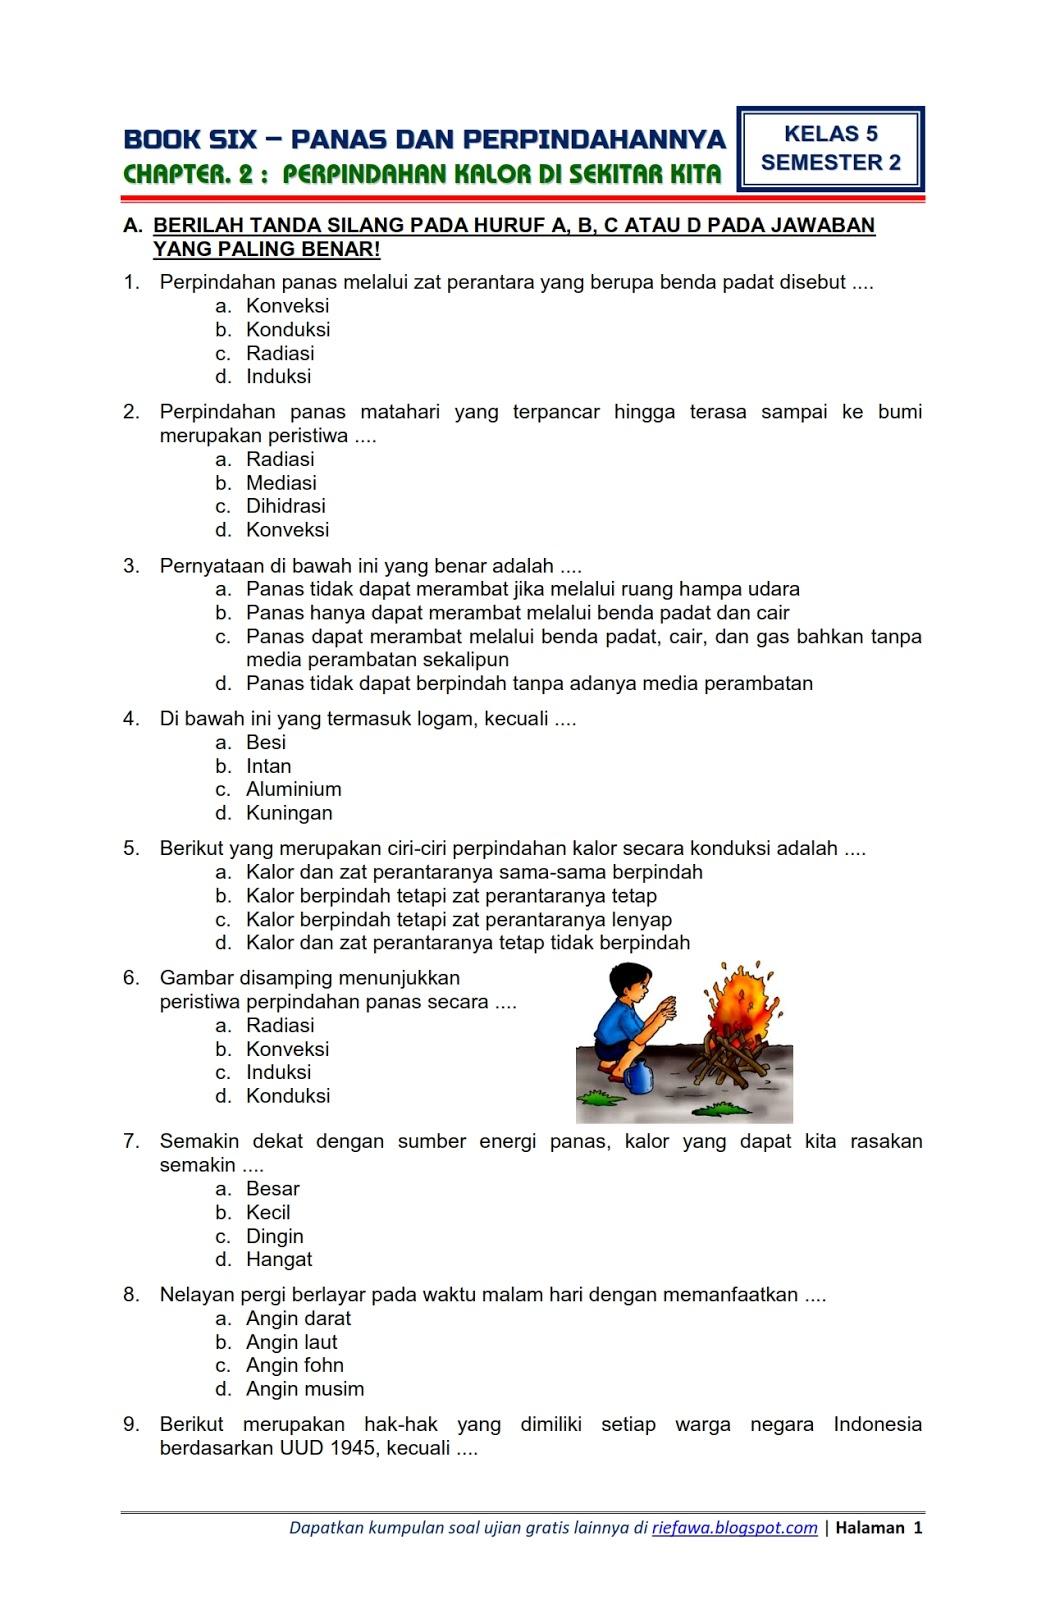 Soal Tema 6 Kelas 5 Panas Dan Perpindahannya : kelas, panas, perpindahannya, Download, Tematik, Kelas, Semester, Subtema, Panas, Perpindahannya, Perpindahan, Kalor, Sekitar, Edisi, Terbaru